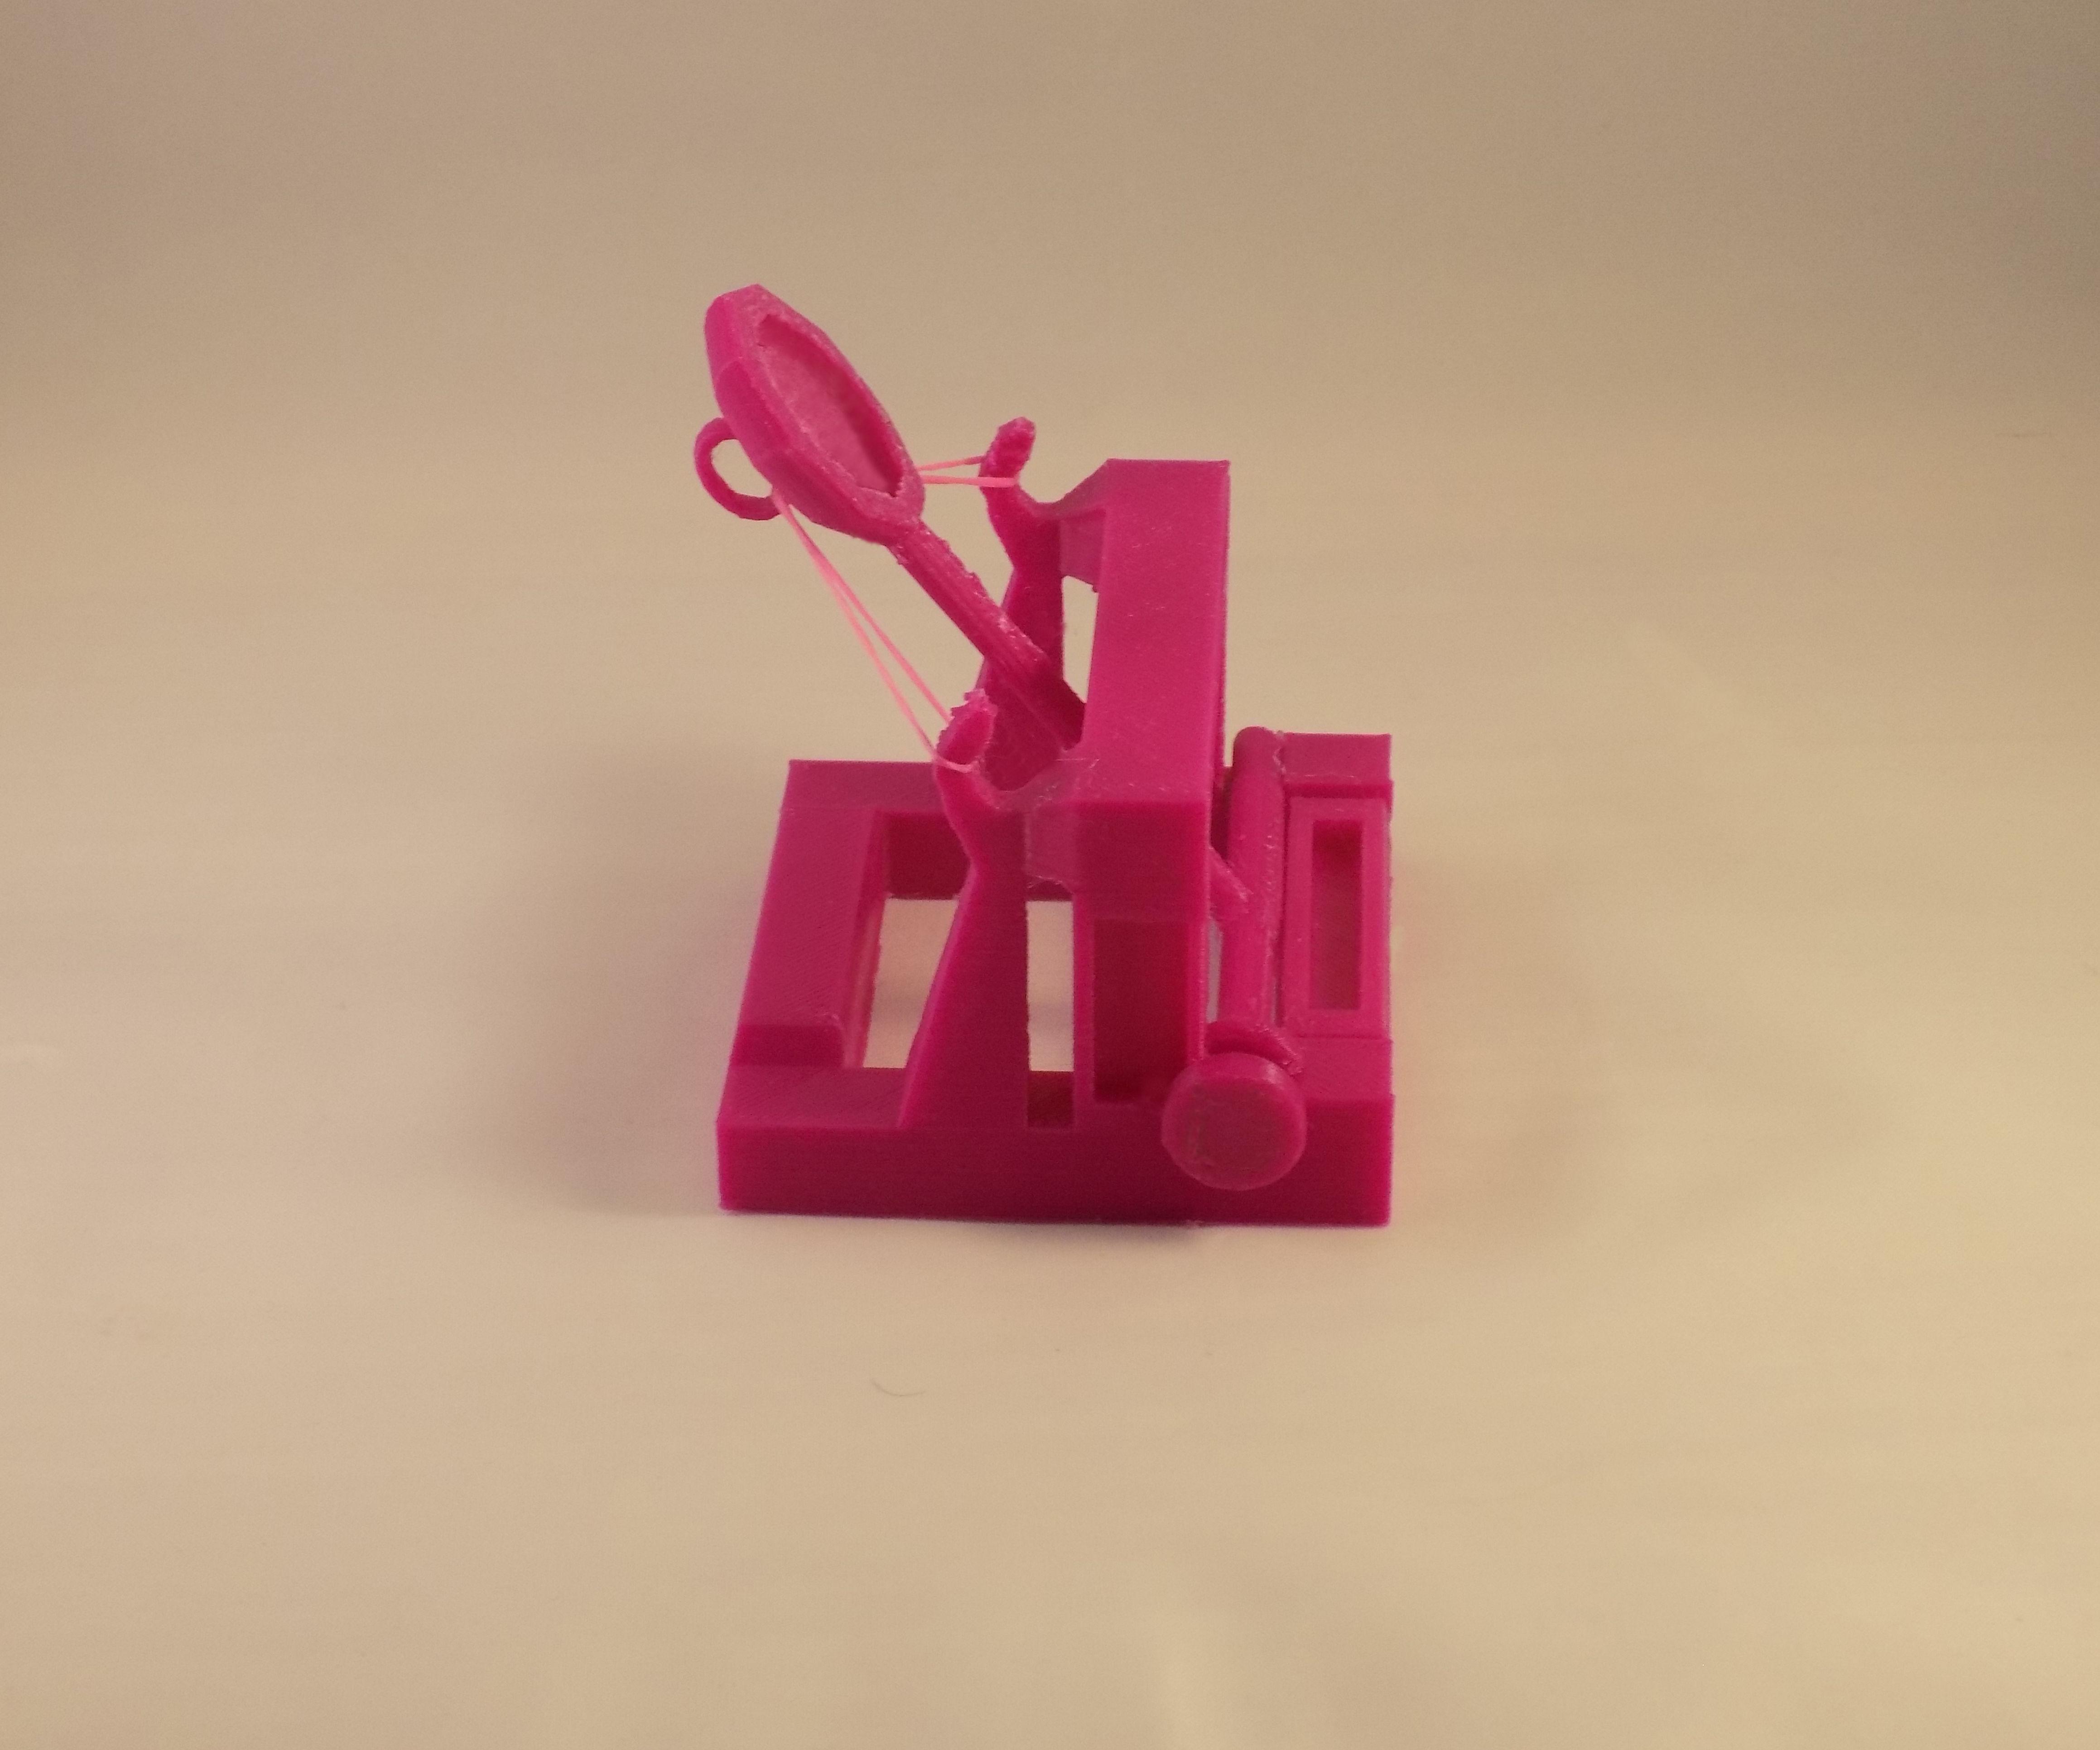 Mini catapult